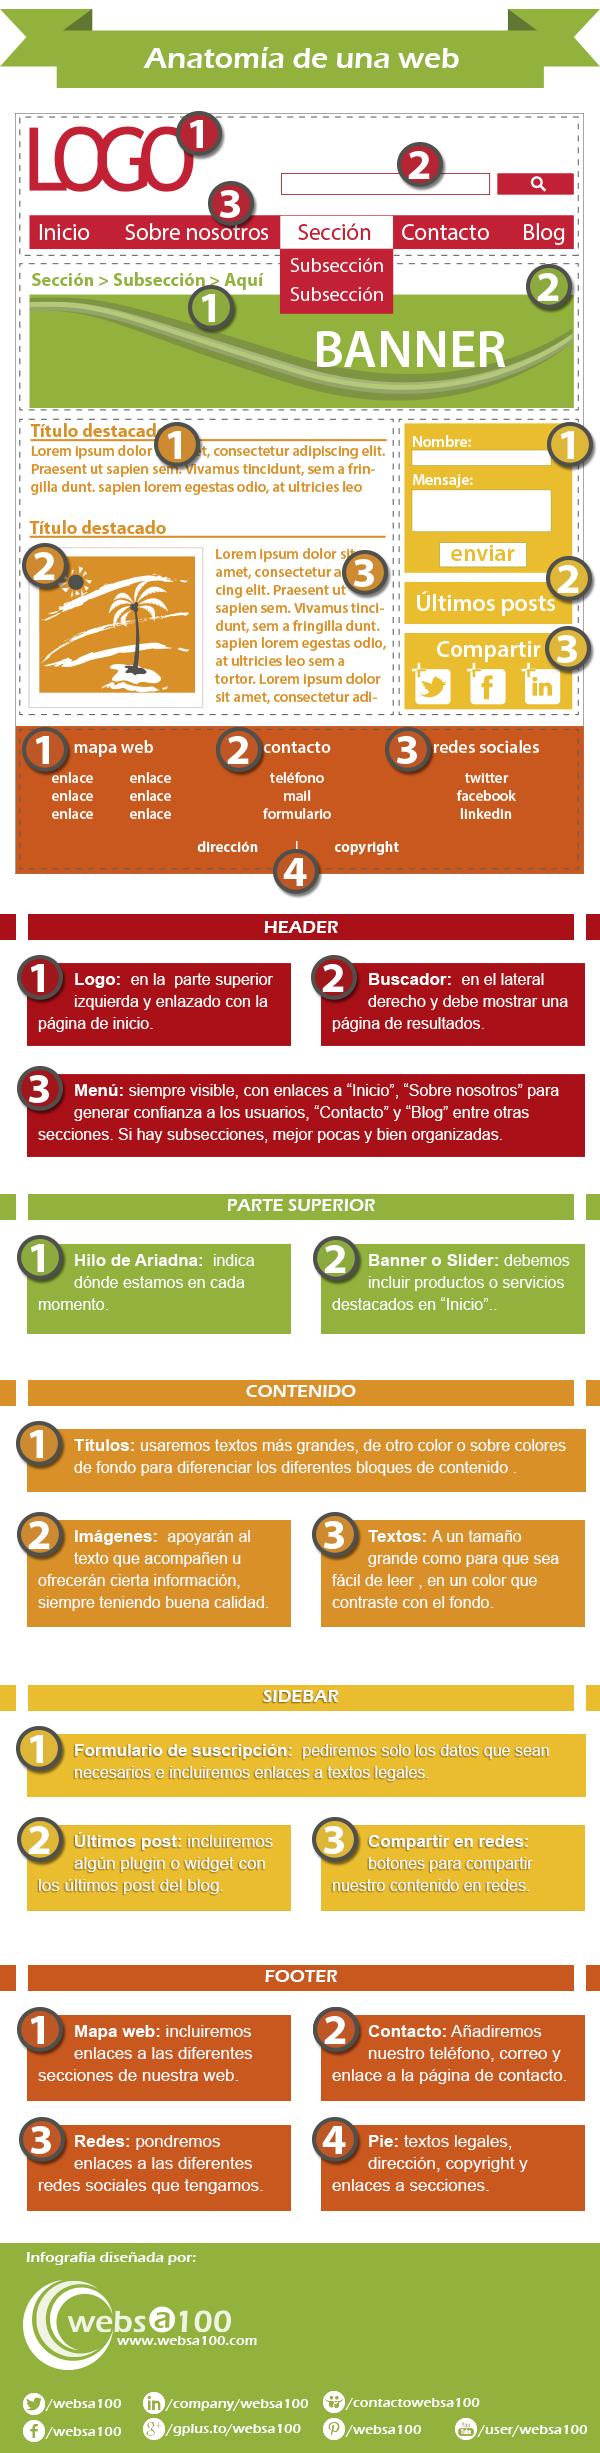 Anatomía de una web #infografia #infographic | Las funciones ...